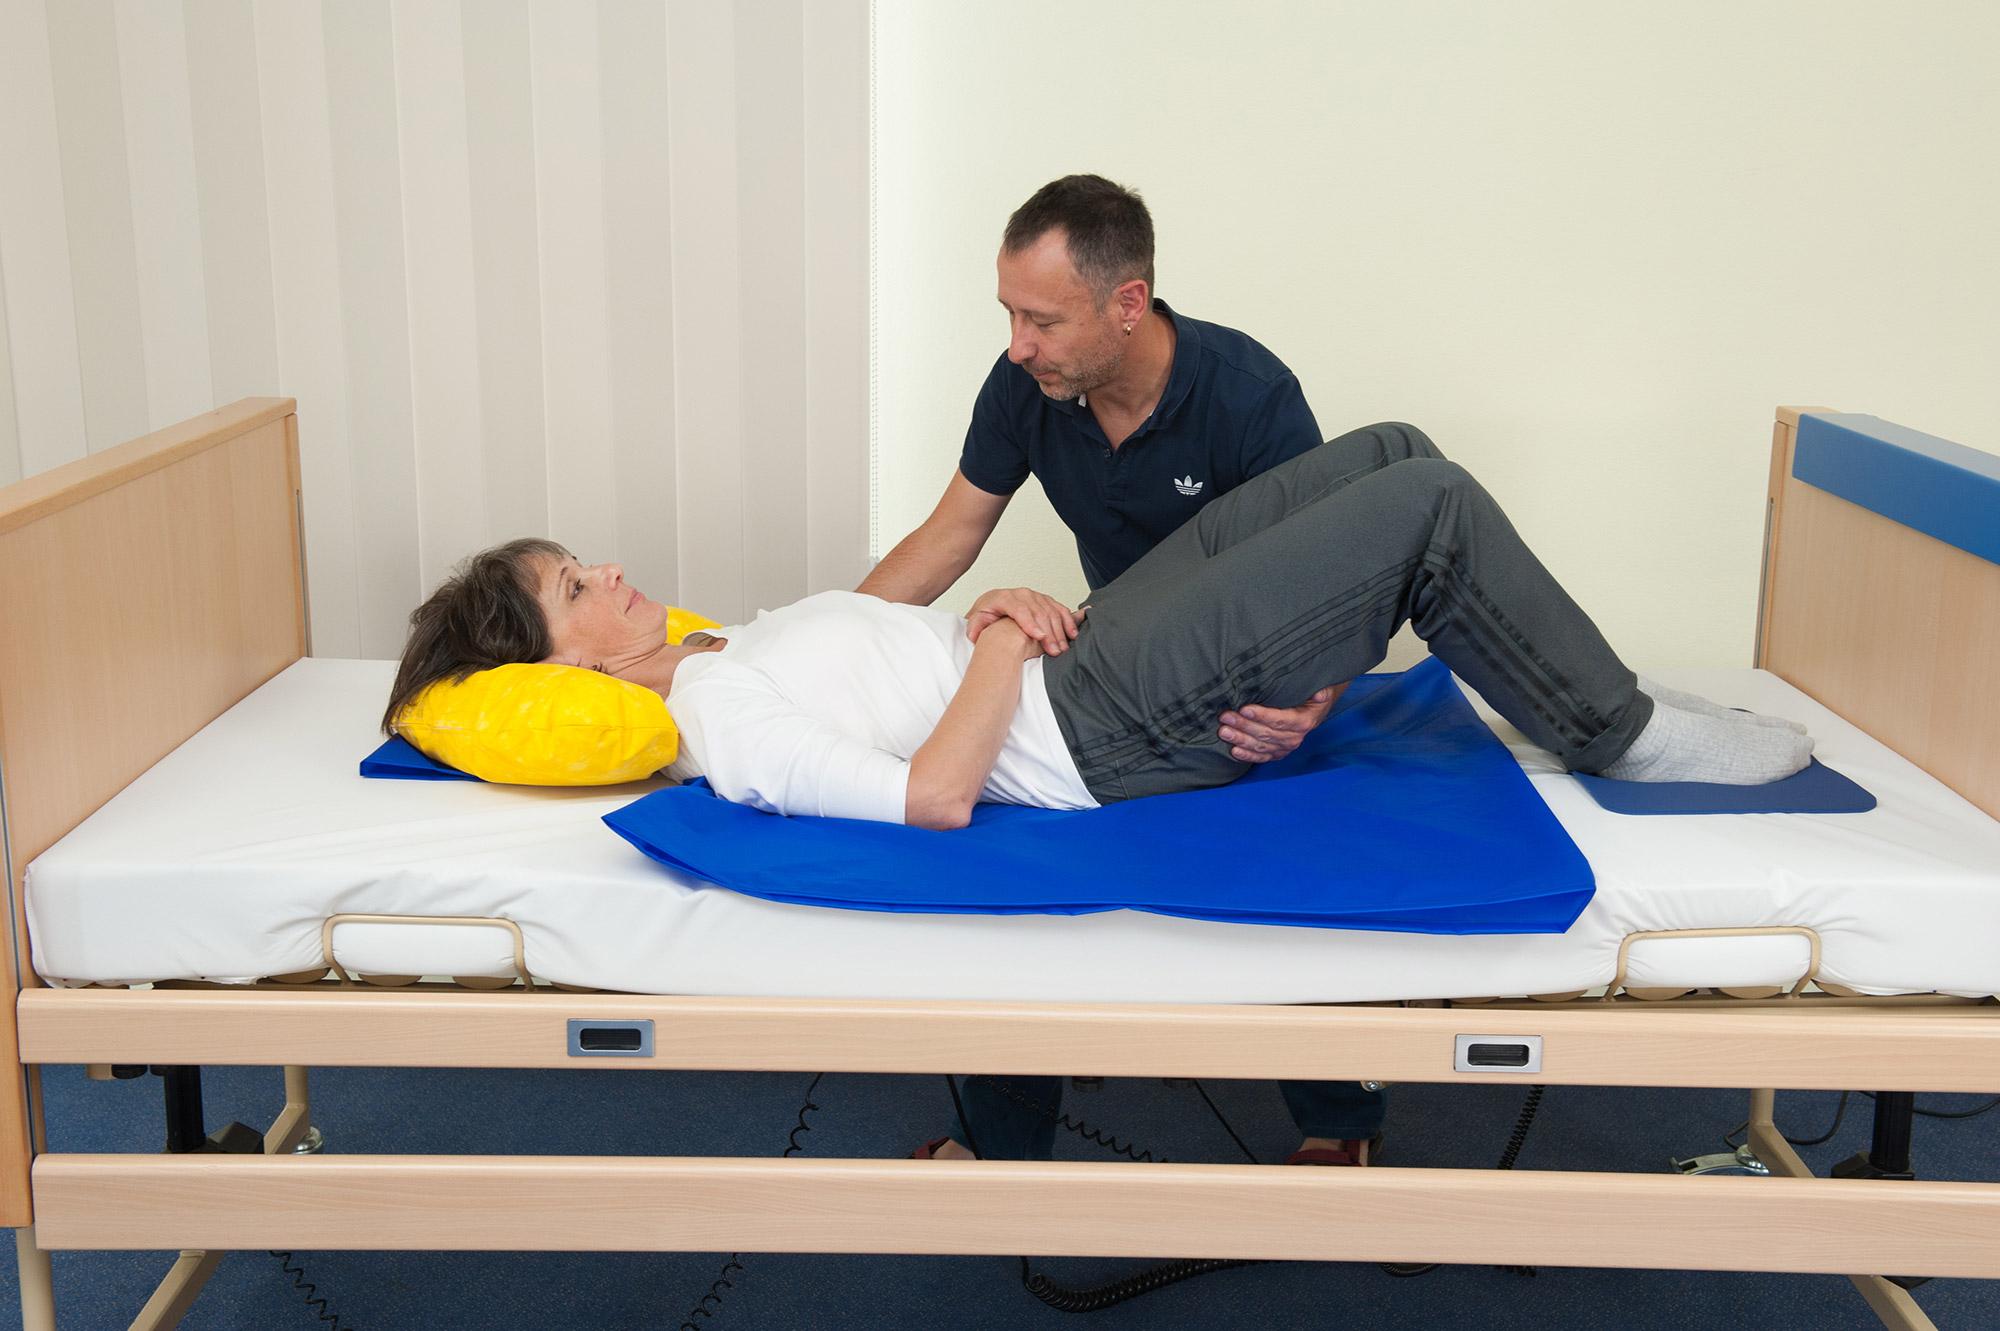 Bild der Anwendung einer Tunnelgleithilfe am Patienten: Centre® Lagerungshilfen